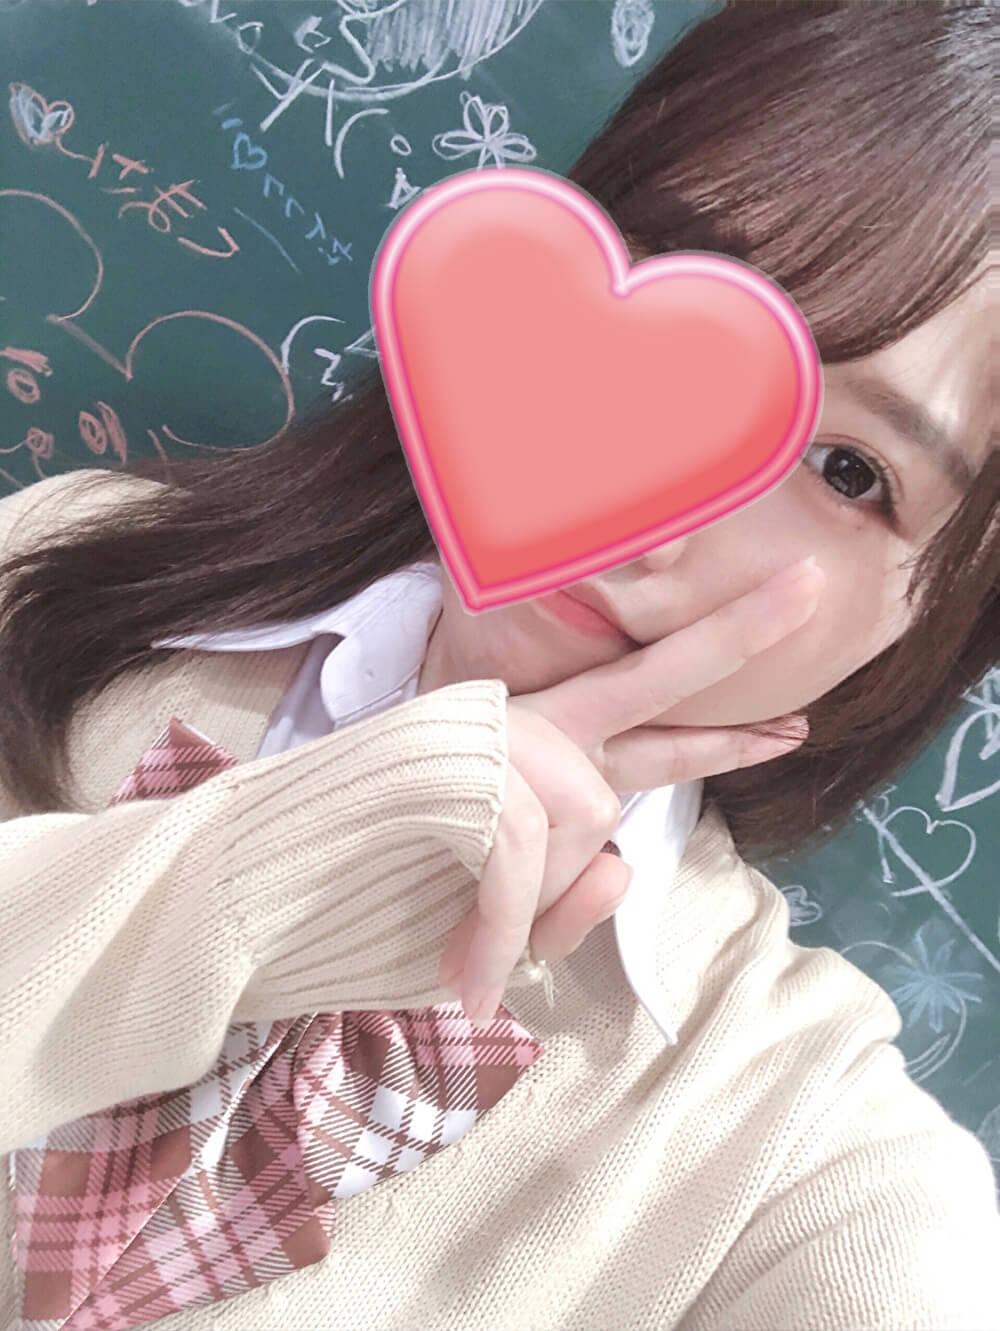 【本日体験入学】黒髪清楚スレンダー美少女『あかりちゃん(20才)』ご案内可能です!|JKプレイ